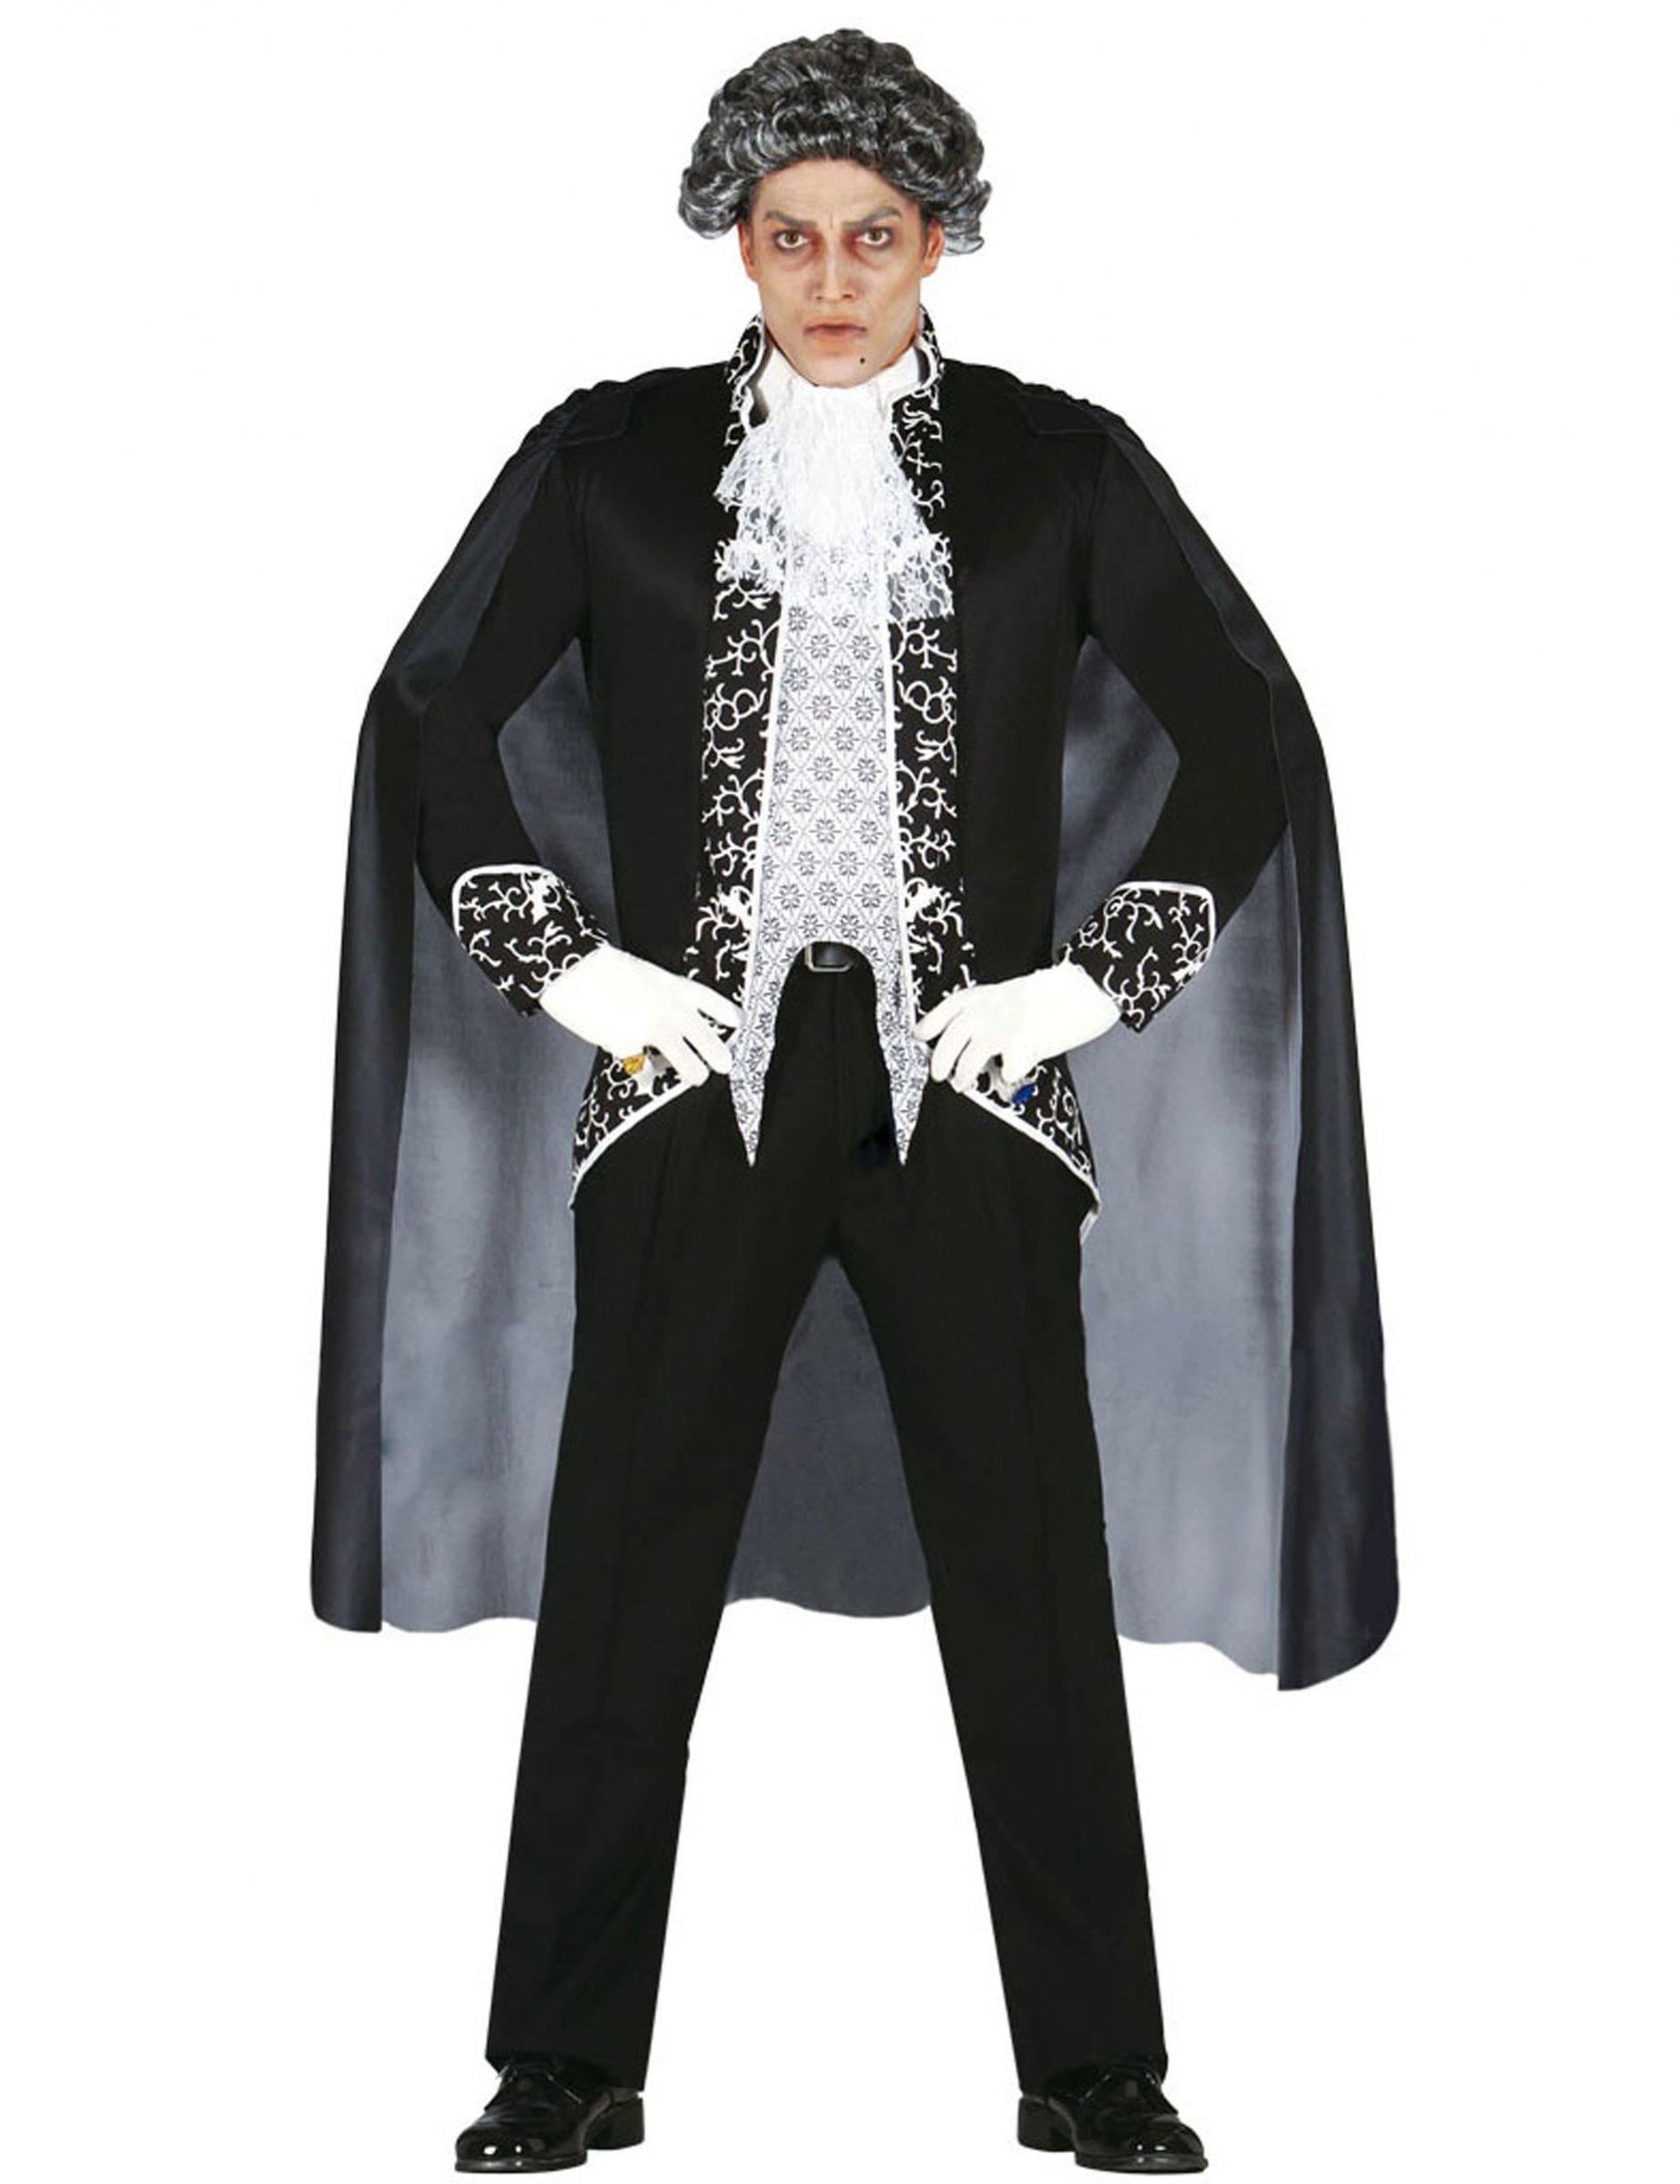 adultos fantasma Disfraz barroco Halloween hombre y Disfraces w47zOqgH7